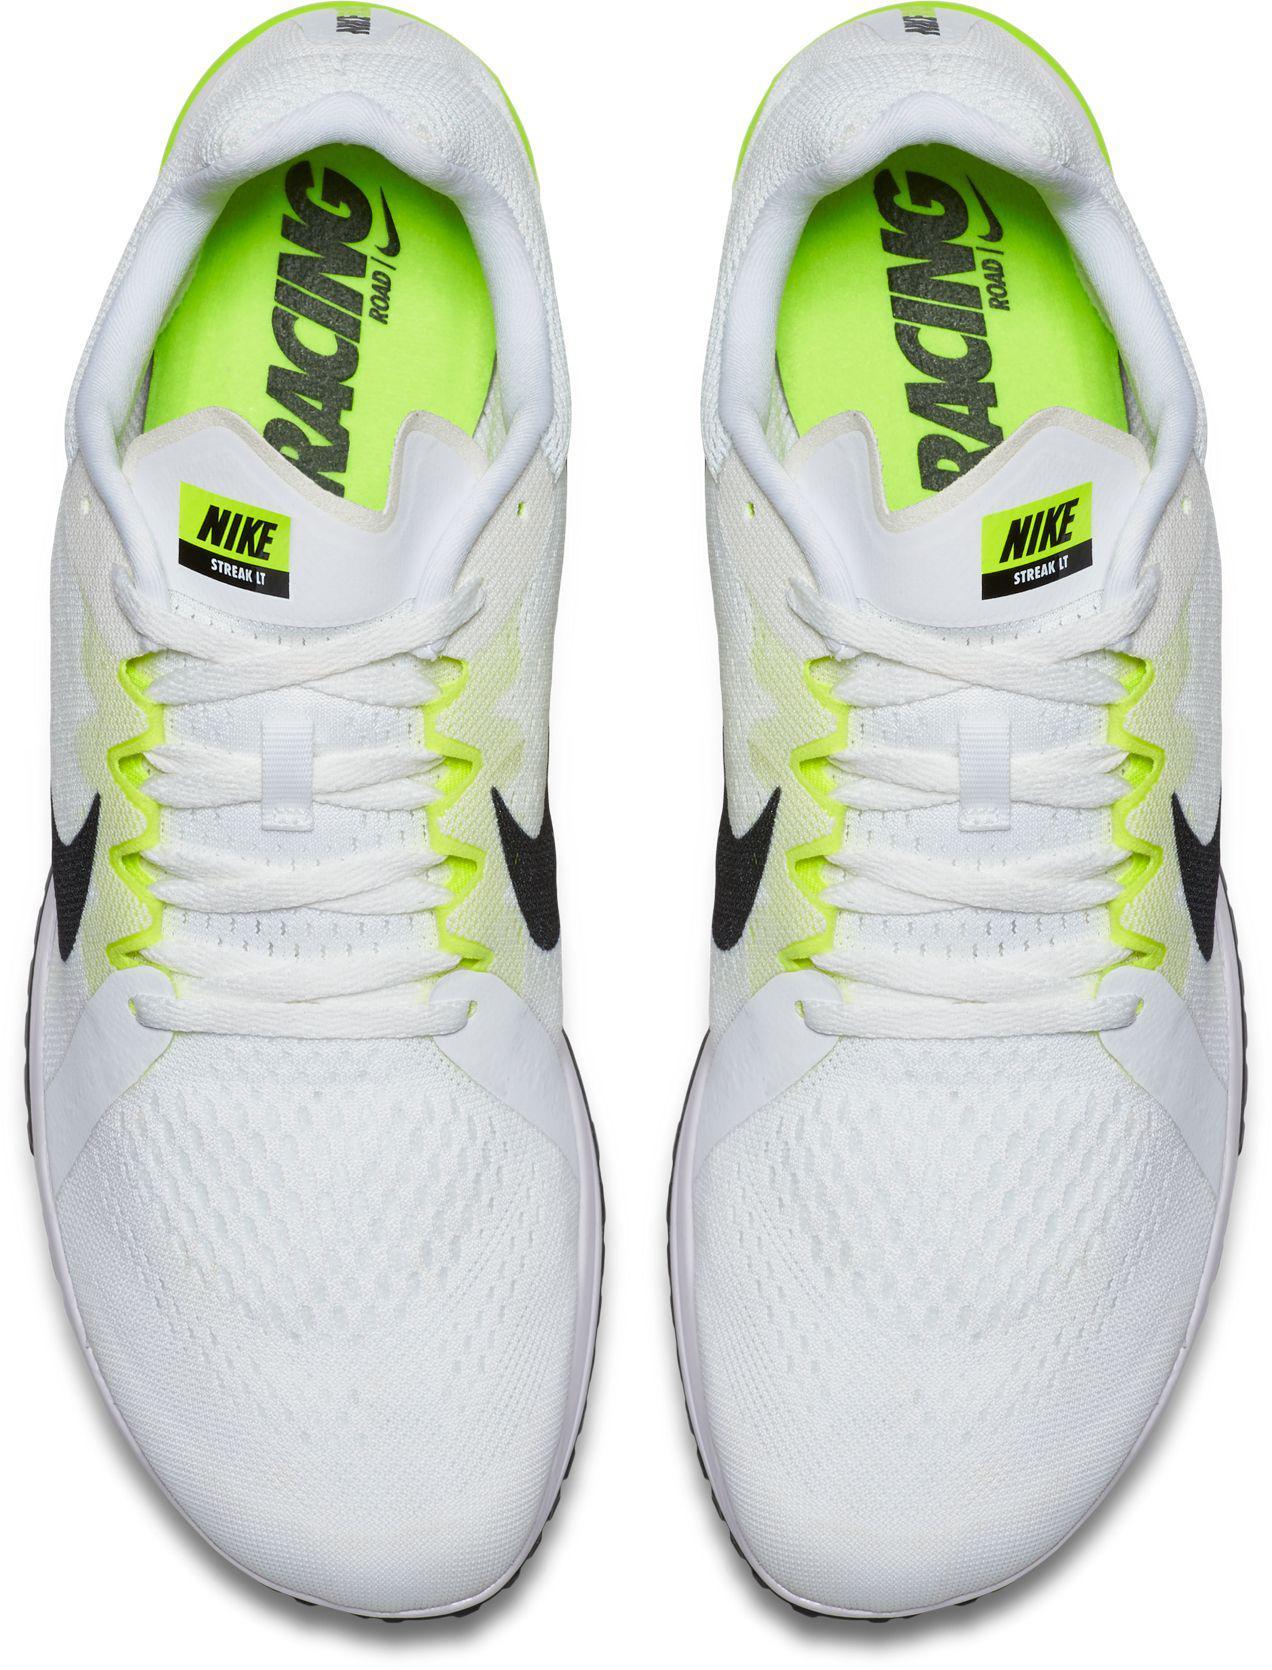 wholesale dealer f6eba 5048b Nike - White Zoom Streak Lt 3 Track And Field Shoes for Men - Lyst